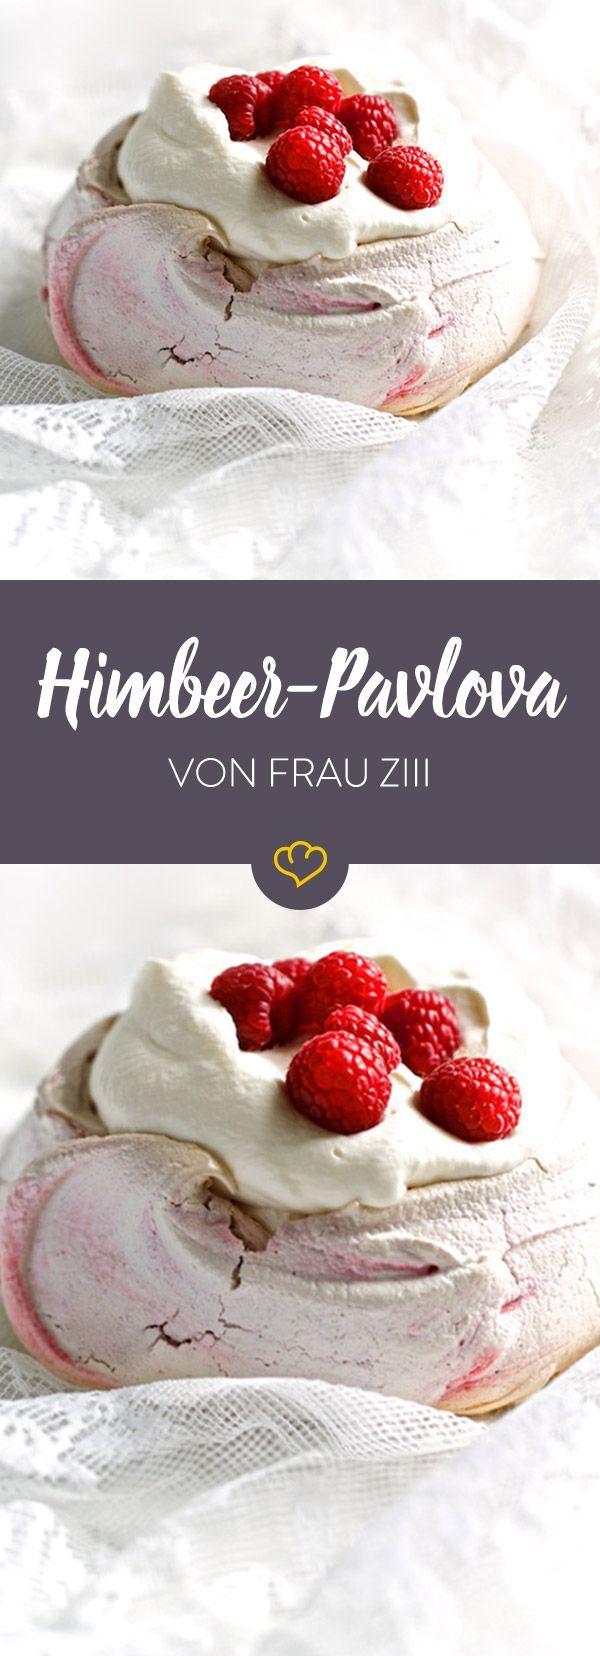 Pavlova: Luftig-lockeres Baiser mit einer Haube aus Sahne und Früchten. Ein verführerisches Dessert aus Down Under.